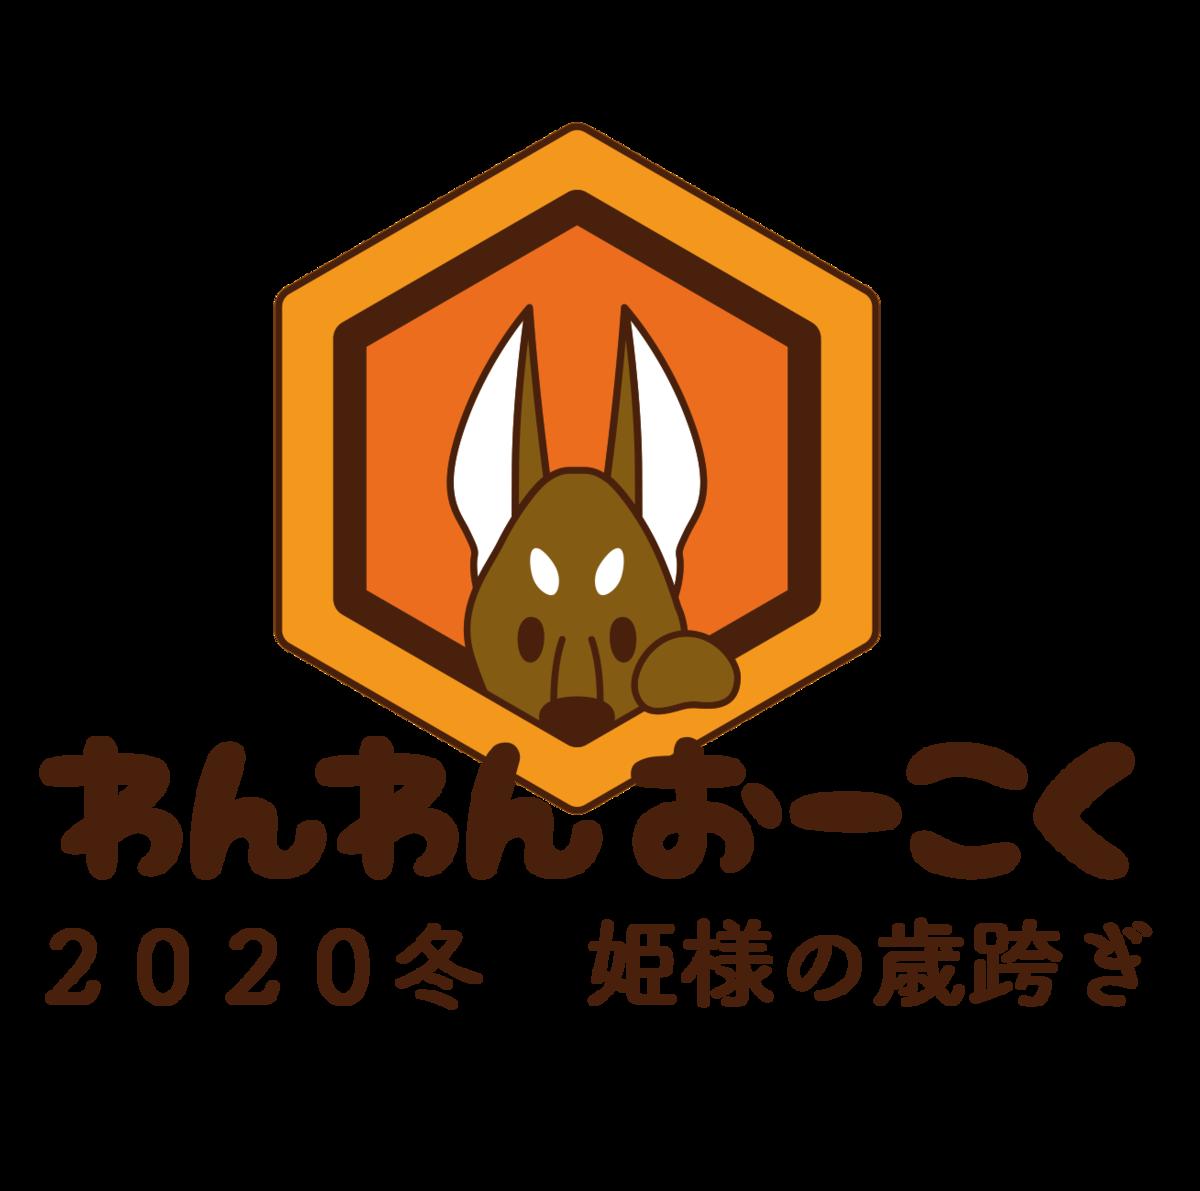 f:id:fooranshi:20200126222924p:plain